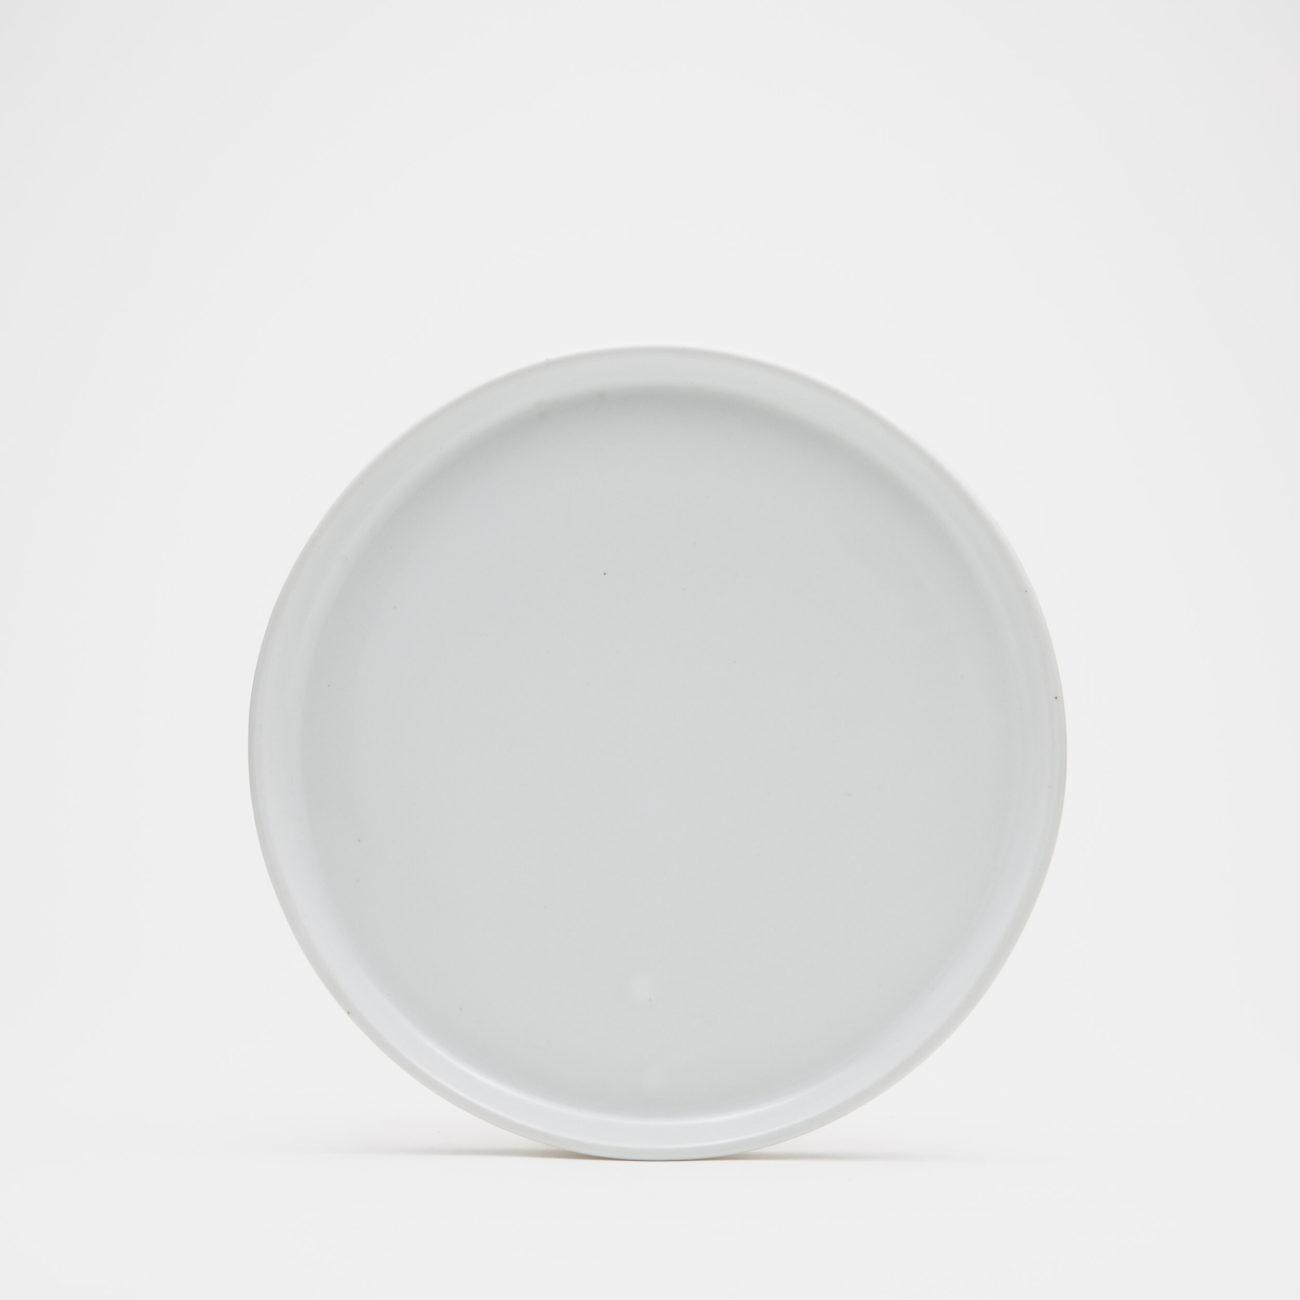 Medium Ceramic Dinner Plate, White